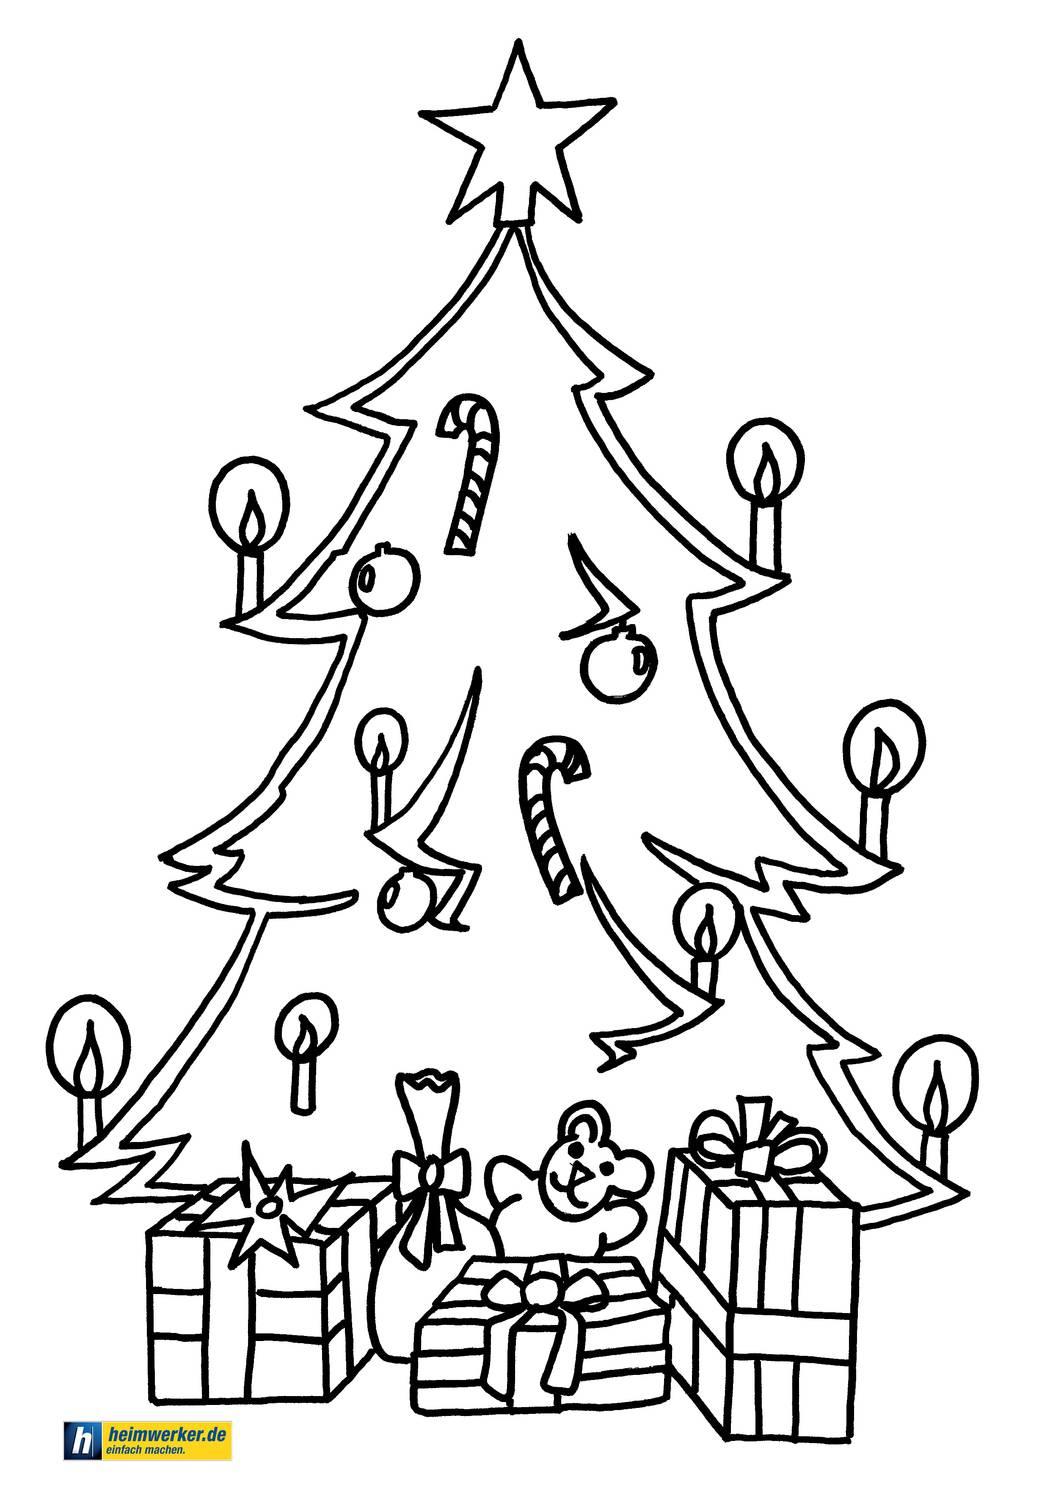 Malvorlagen Zu Weihnachten - Die Schönsten Ausmalbilder Zum verwandt mit Malvorlagen Tannenbaum Ausdrucken